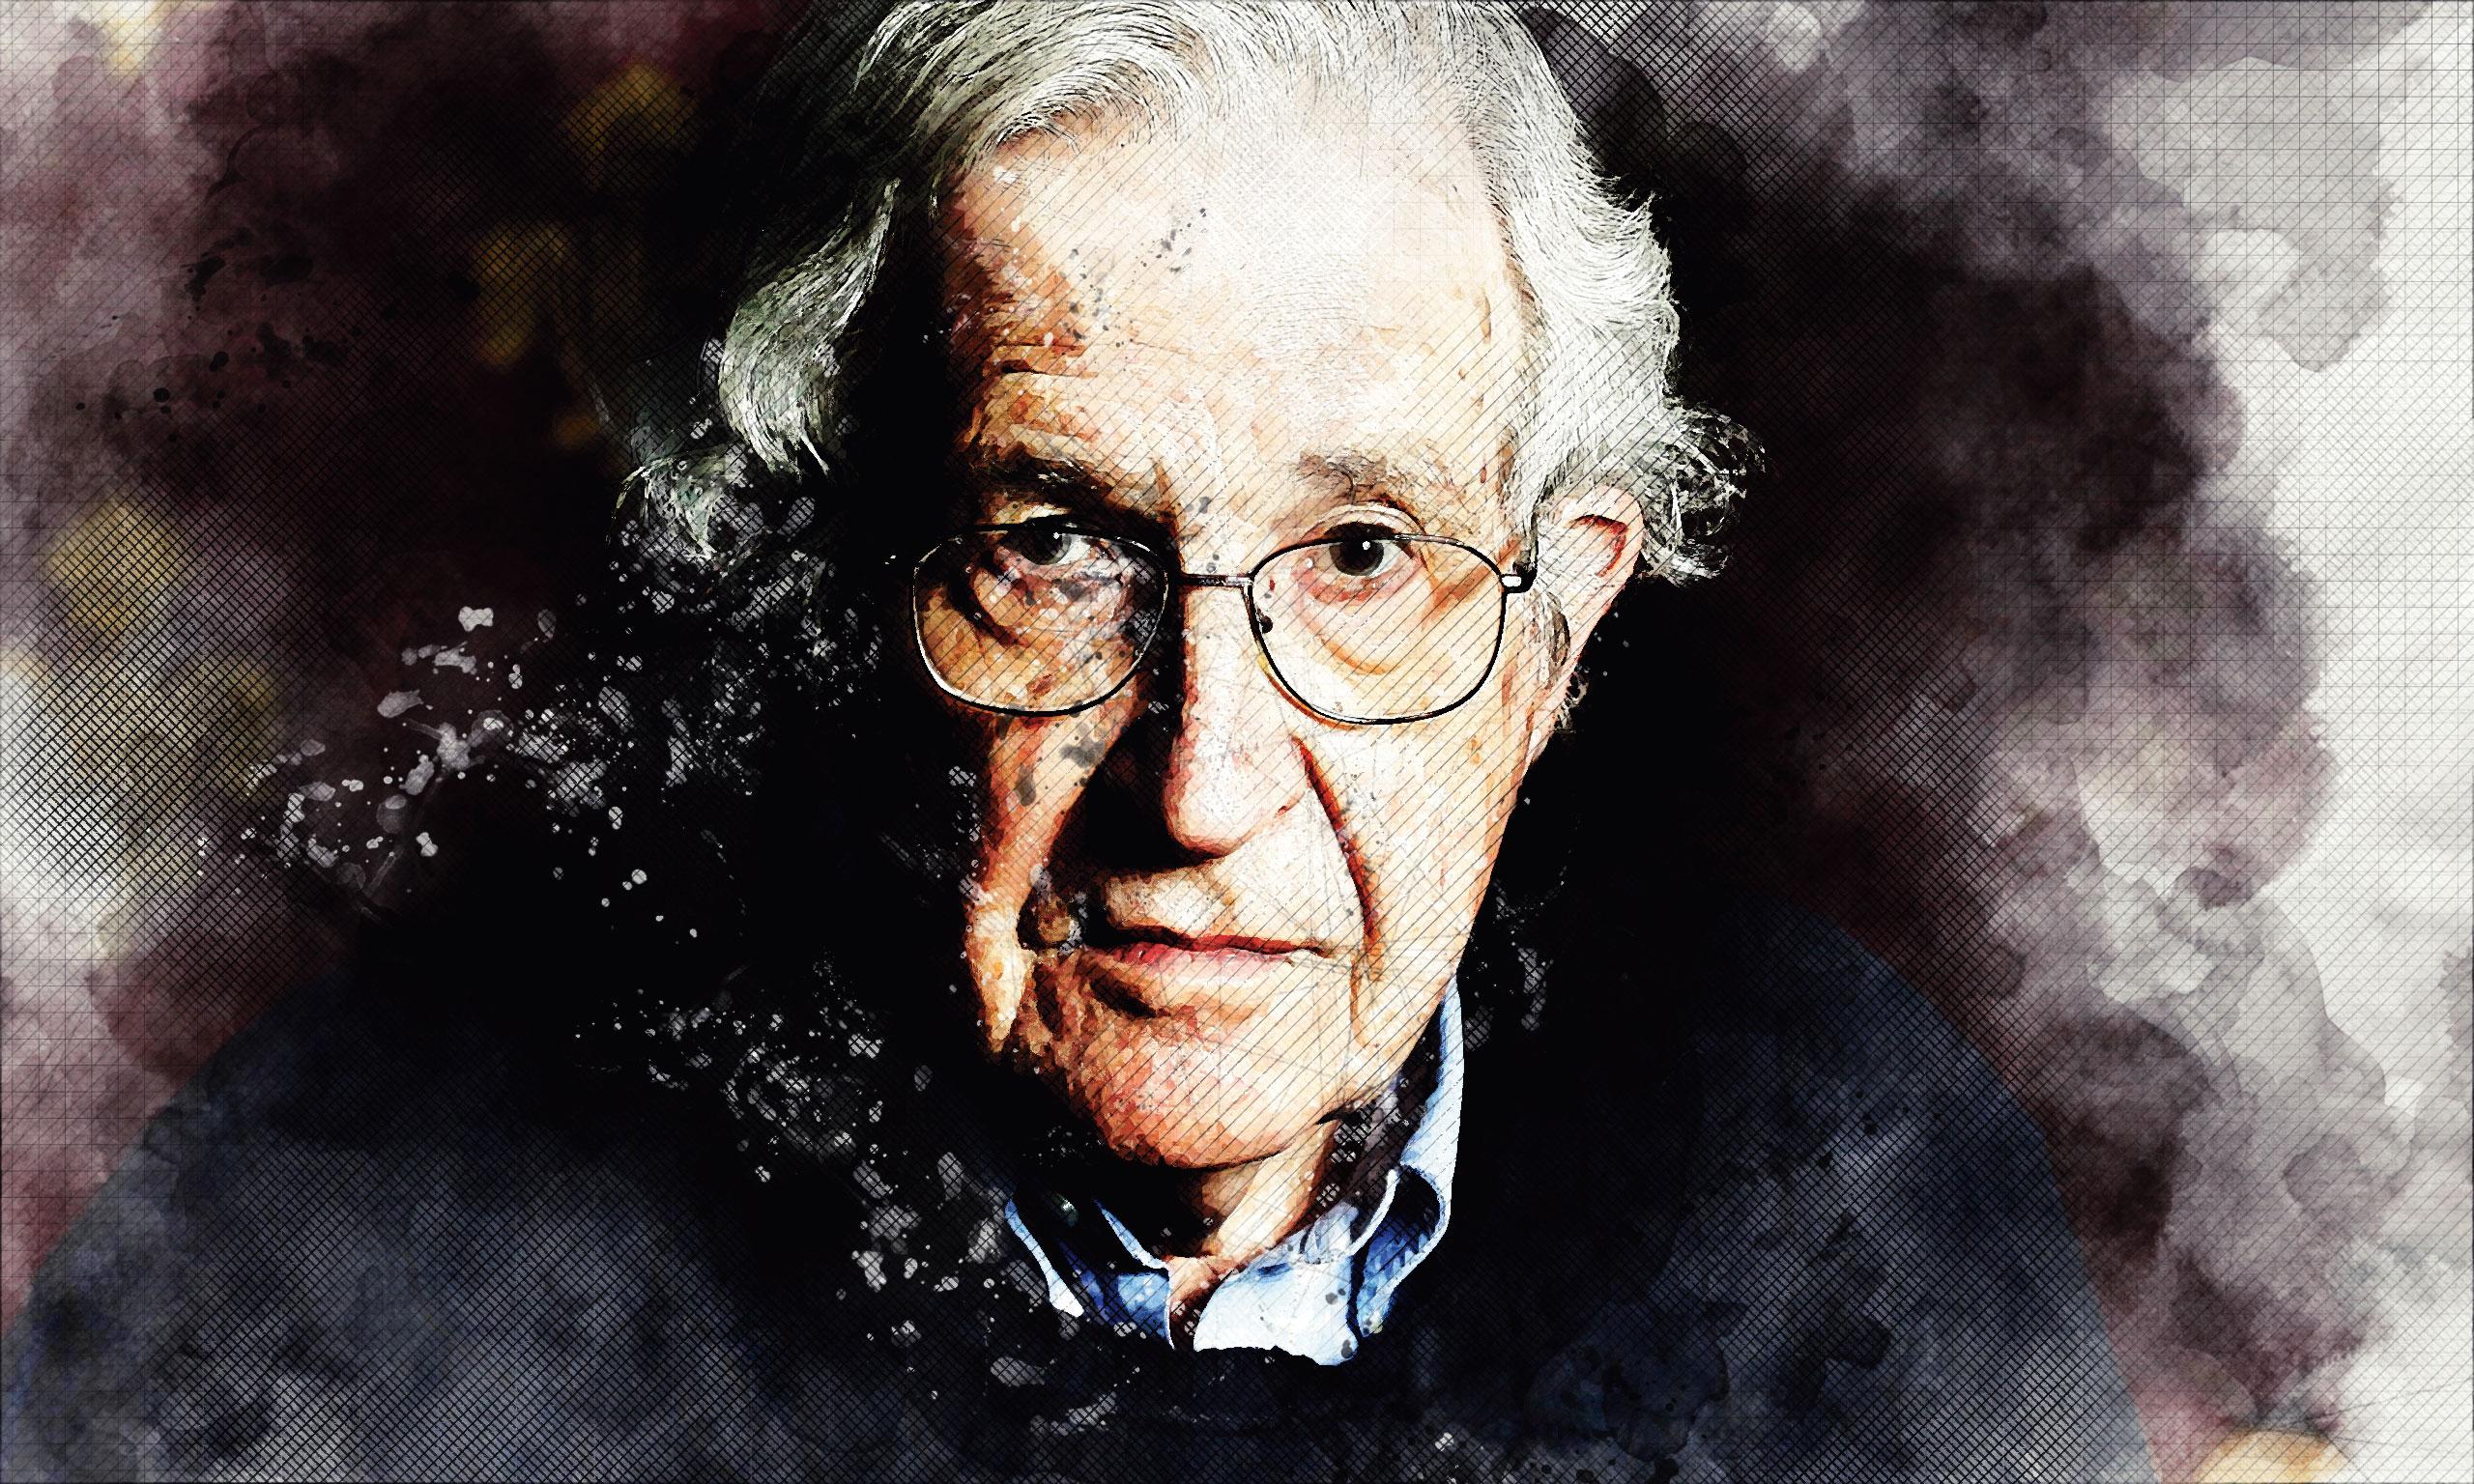 Noam Chomsky smatra da su upravo antife u SAD-u najveći saveznici Donalda Trumpa jer su radništvo gurnuli na njegovu stranu, dok se oni bore za LGBT-prava i prava feministica